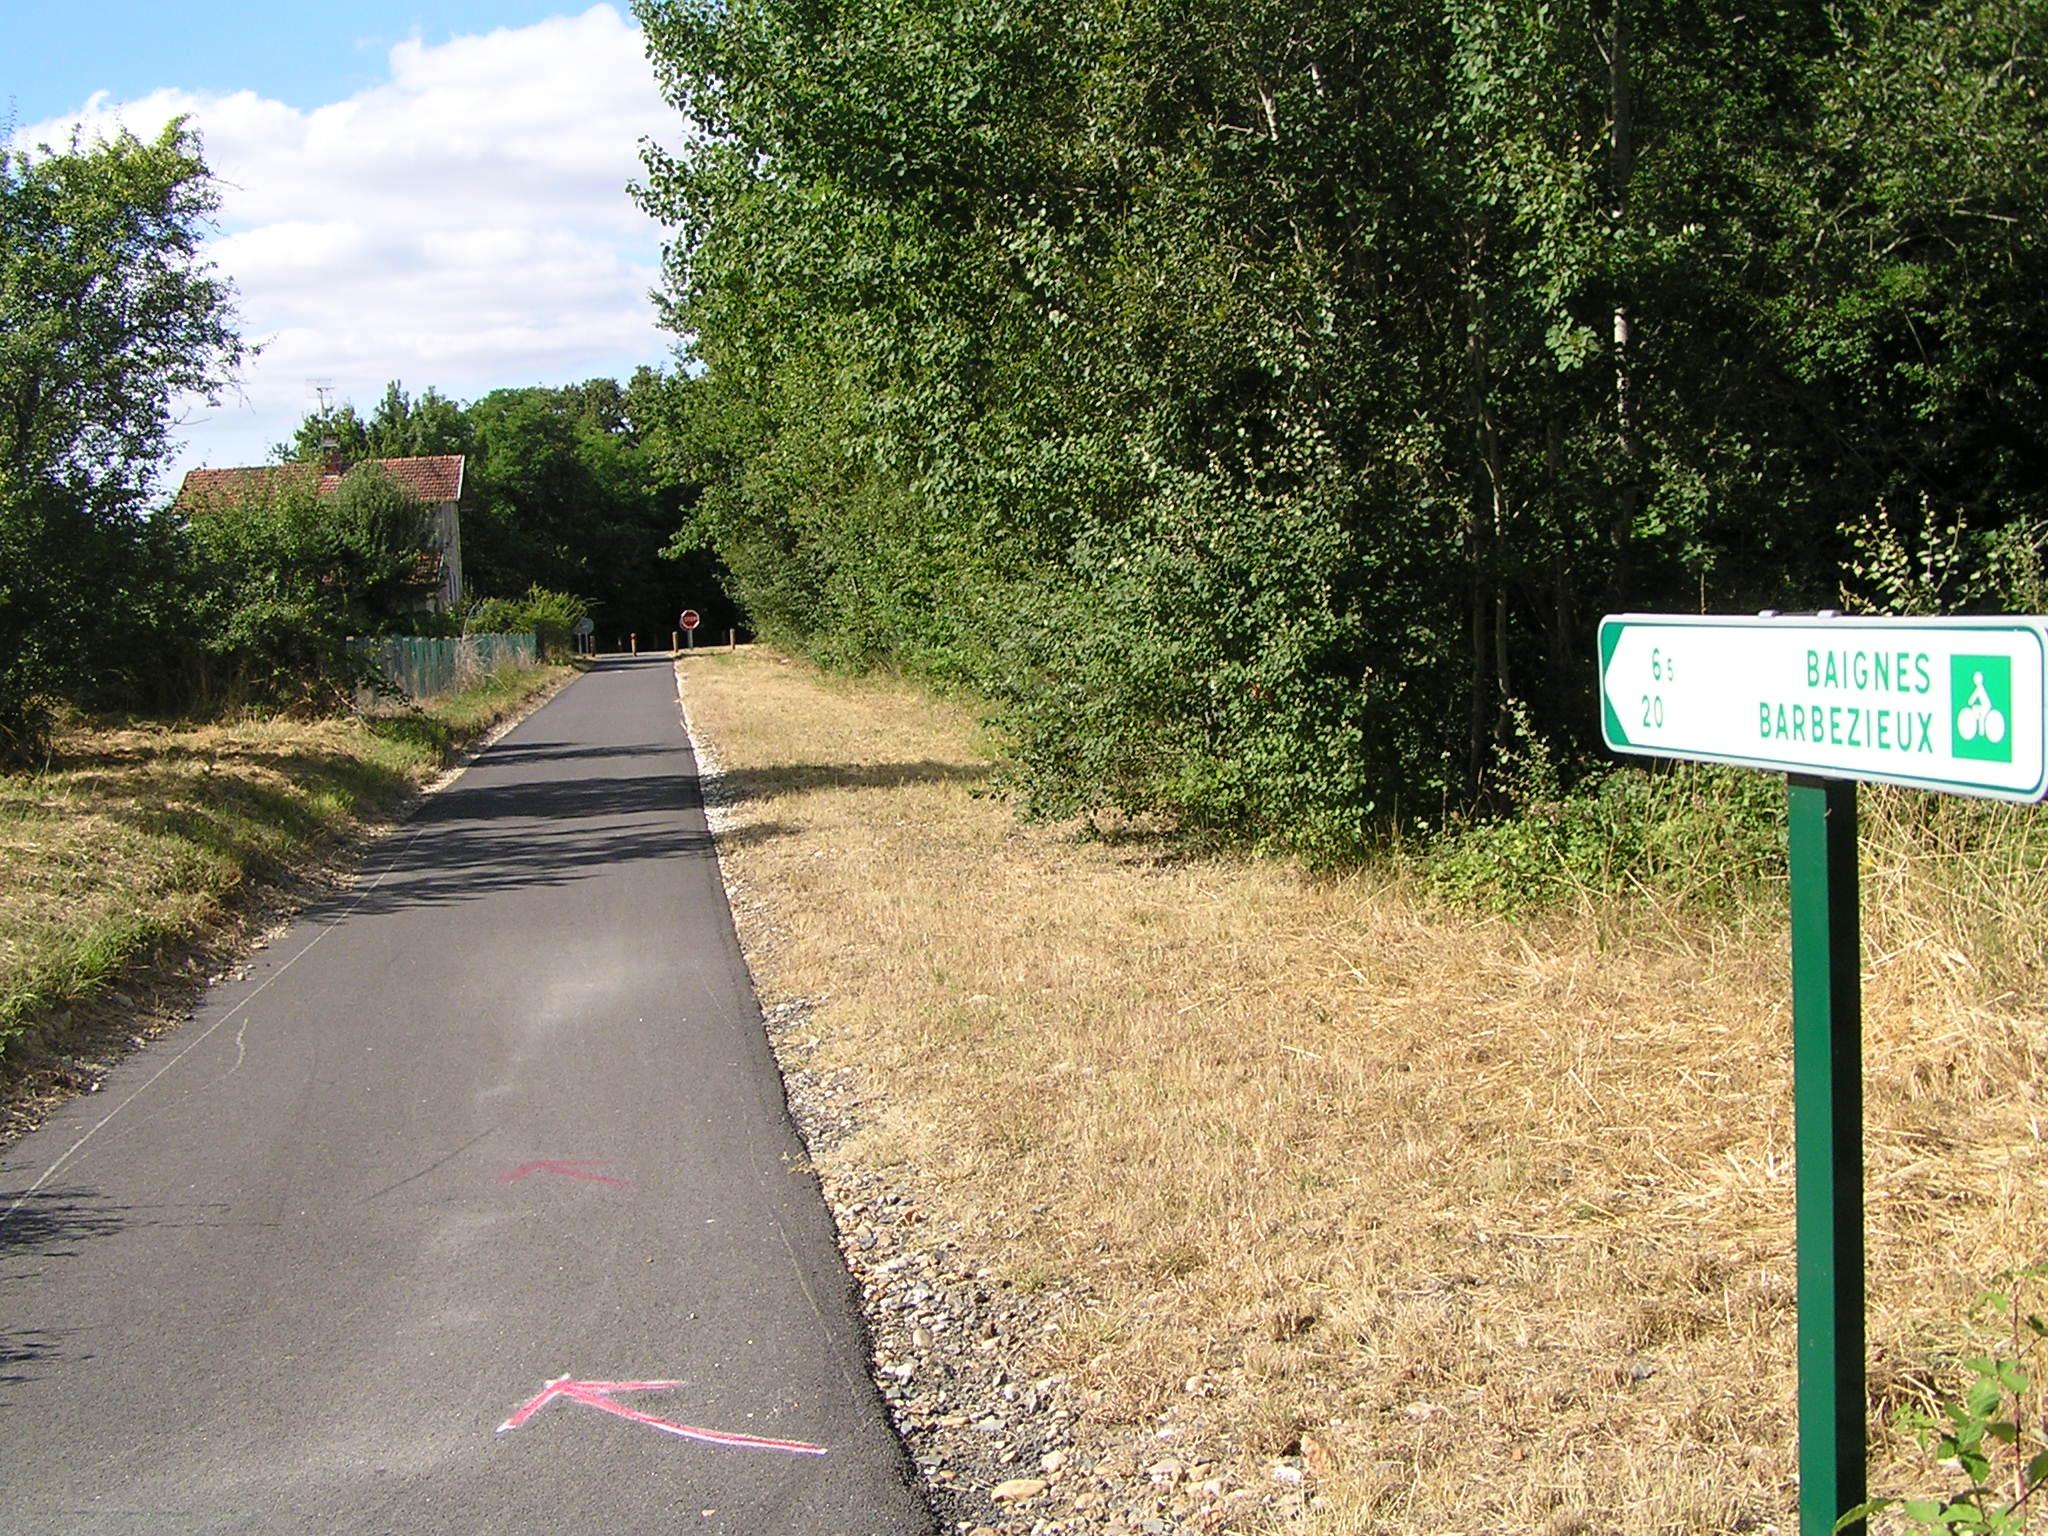 Exemple de voie verte réservée aux « modes actifs » : piétons, vélos, rollers, personnes en fauteuil roulant…. Ici :